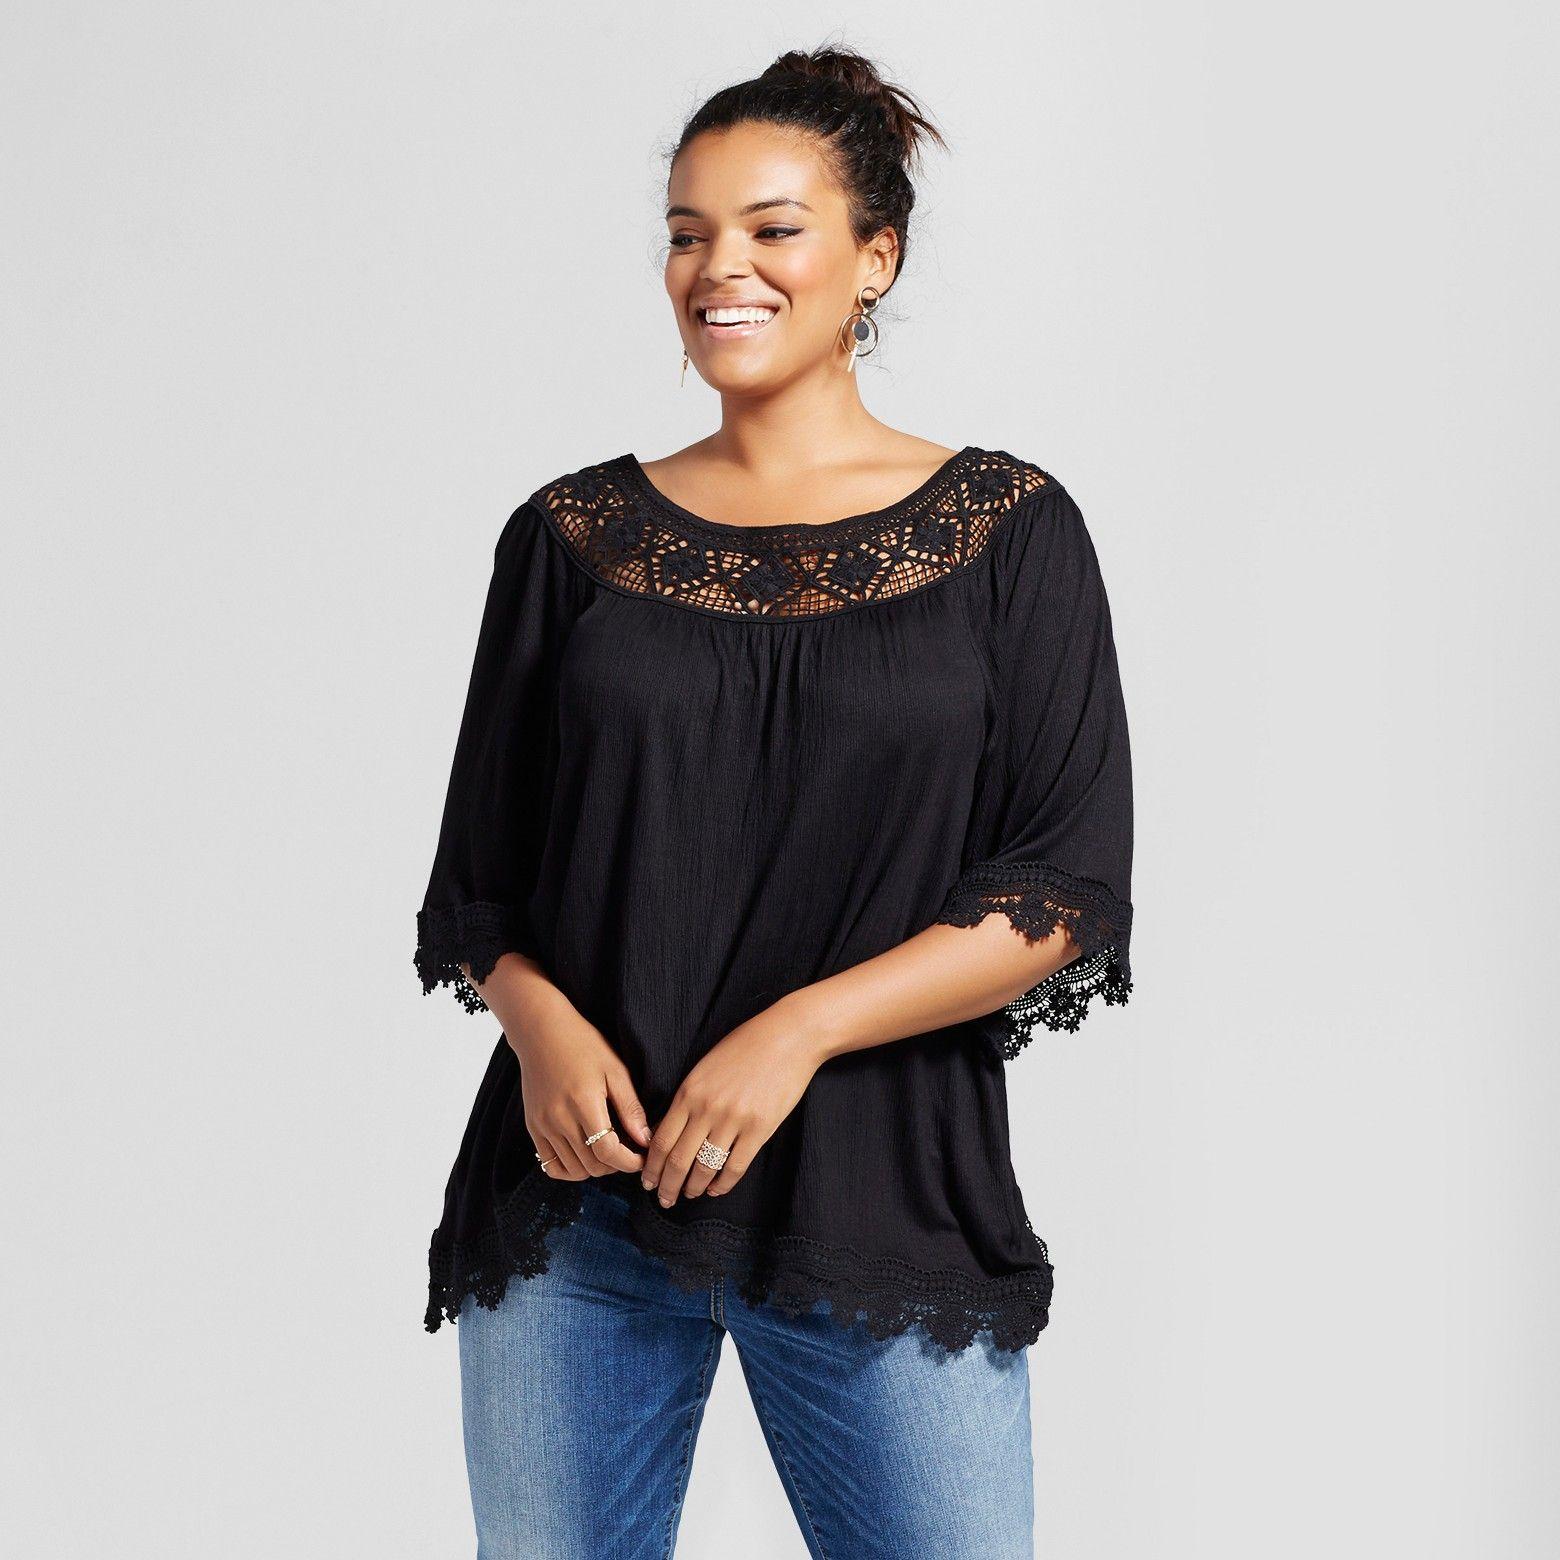 4409d65c5a0 Women s Plus Size Crochet Off the Shoulder Printed Top - Xhilaration™ Black    Target